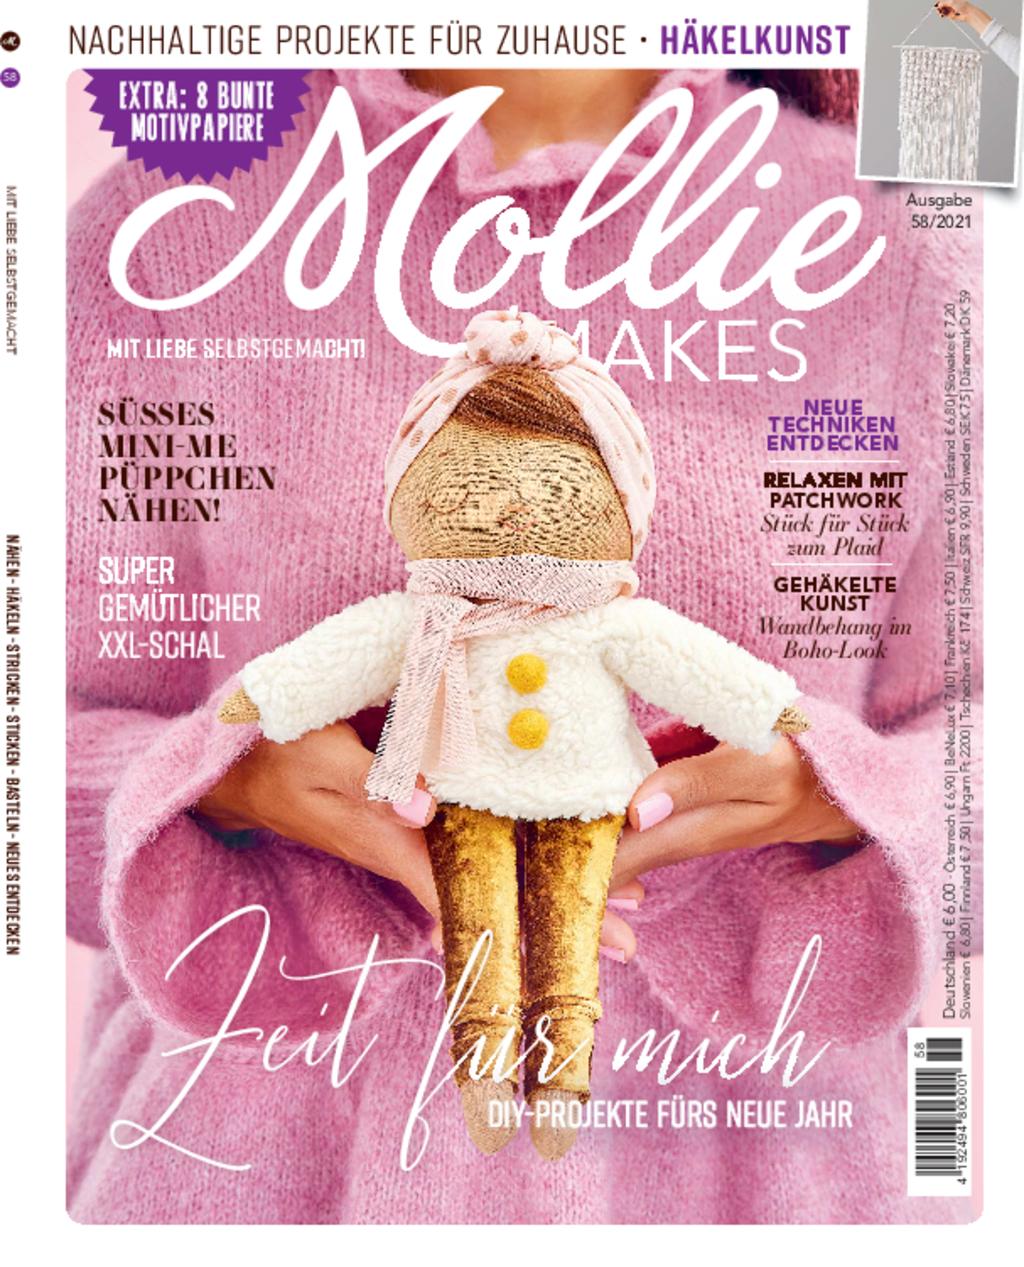 Mollie Makes Nr. 58/2021 - DIY-Projekte für das neue Jahr